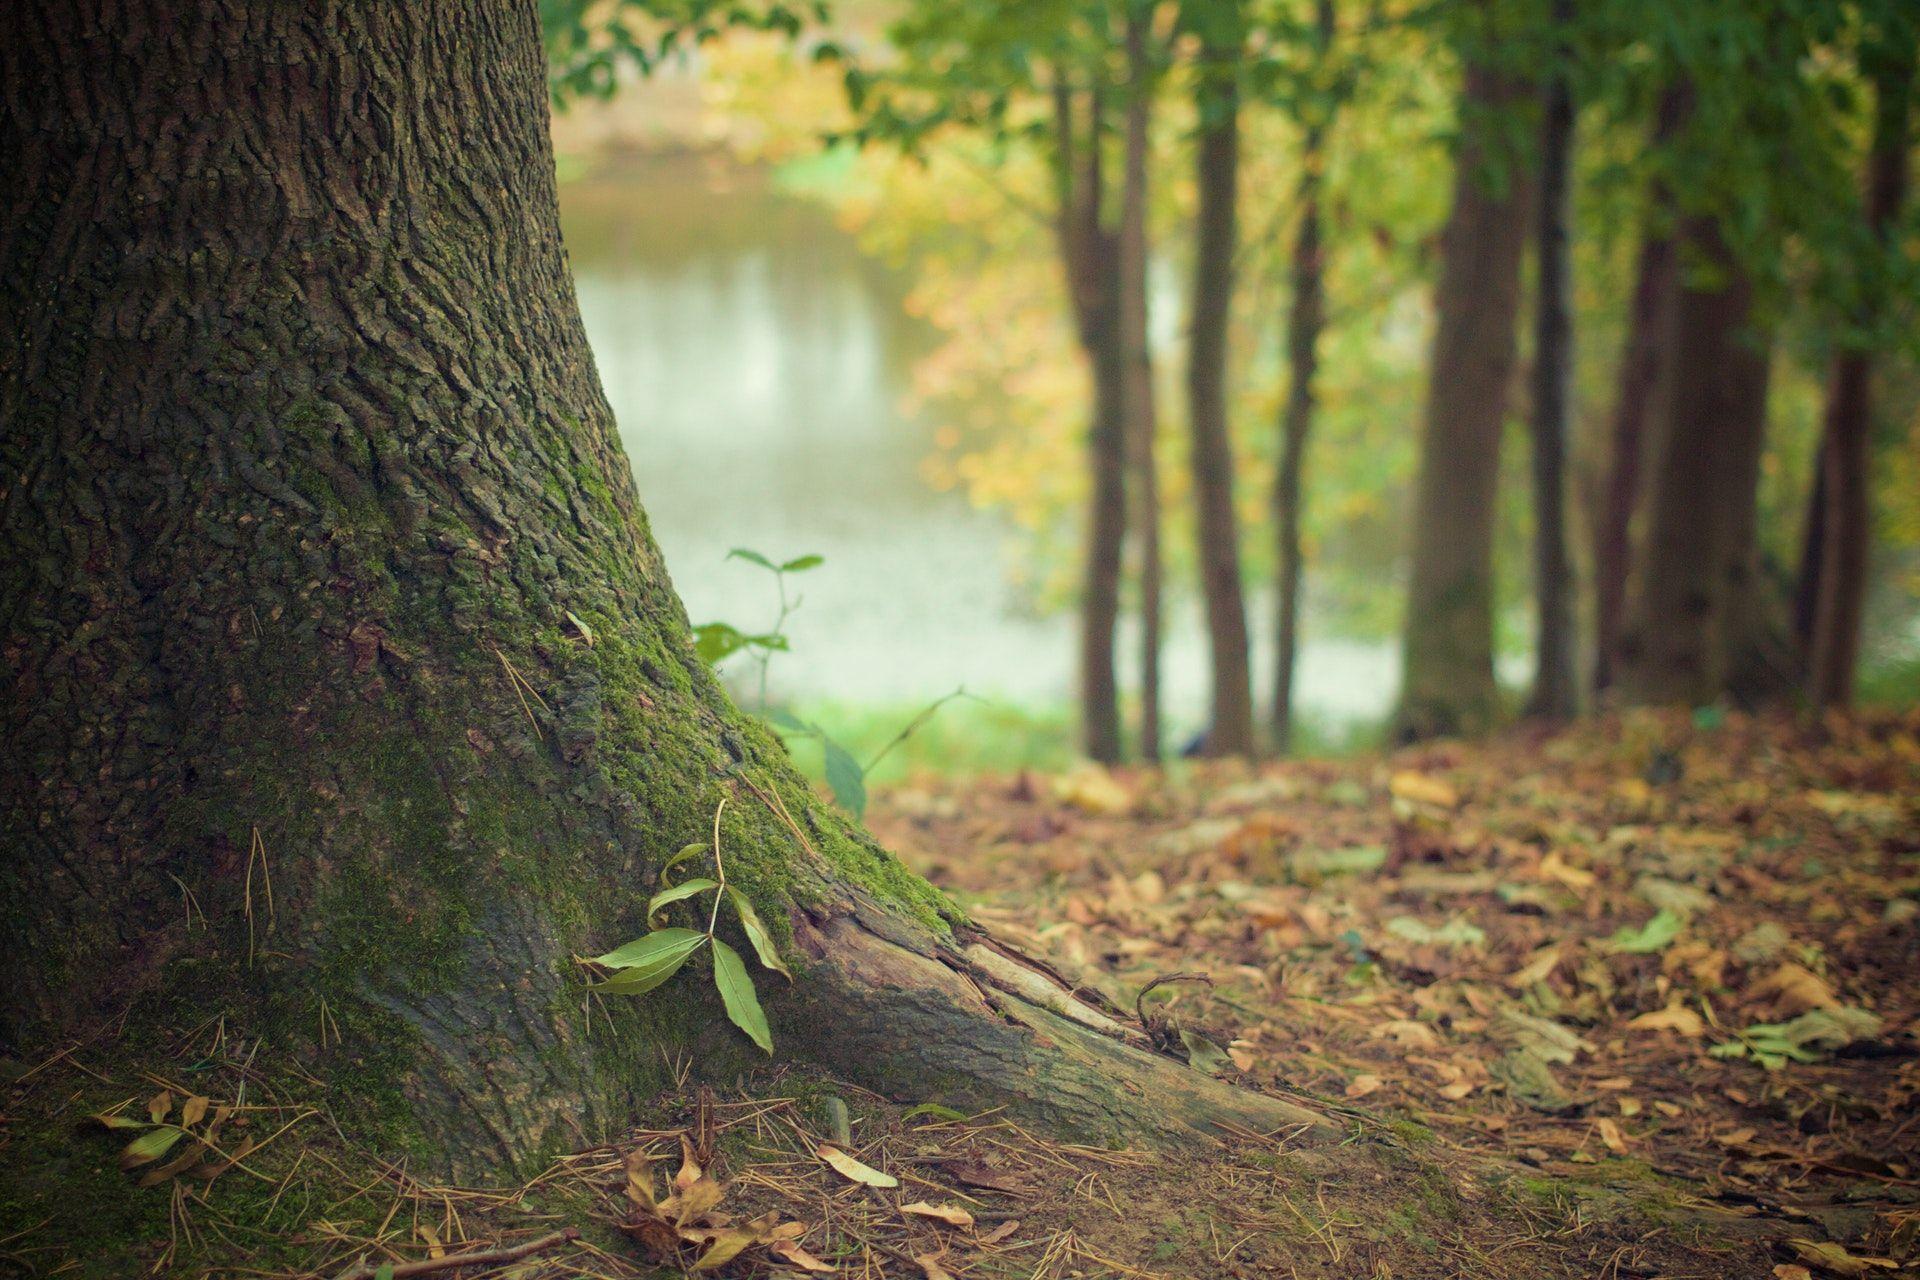 عکس زمینه برگهای ریخته شده درخت در جنگل پس زمینه